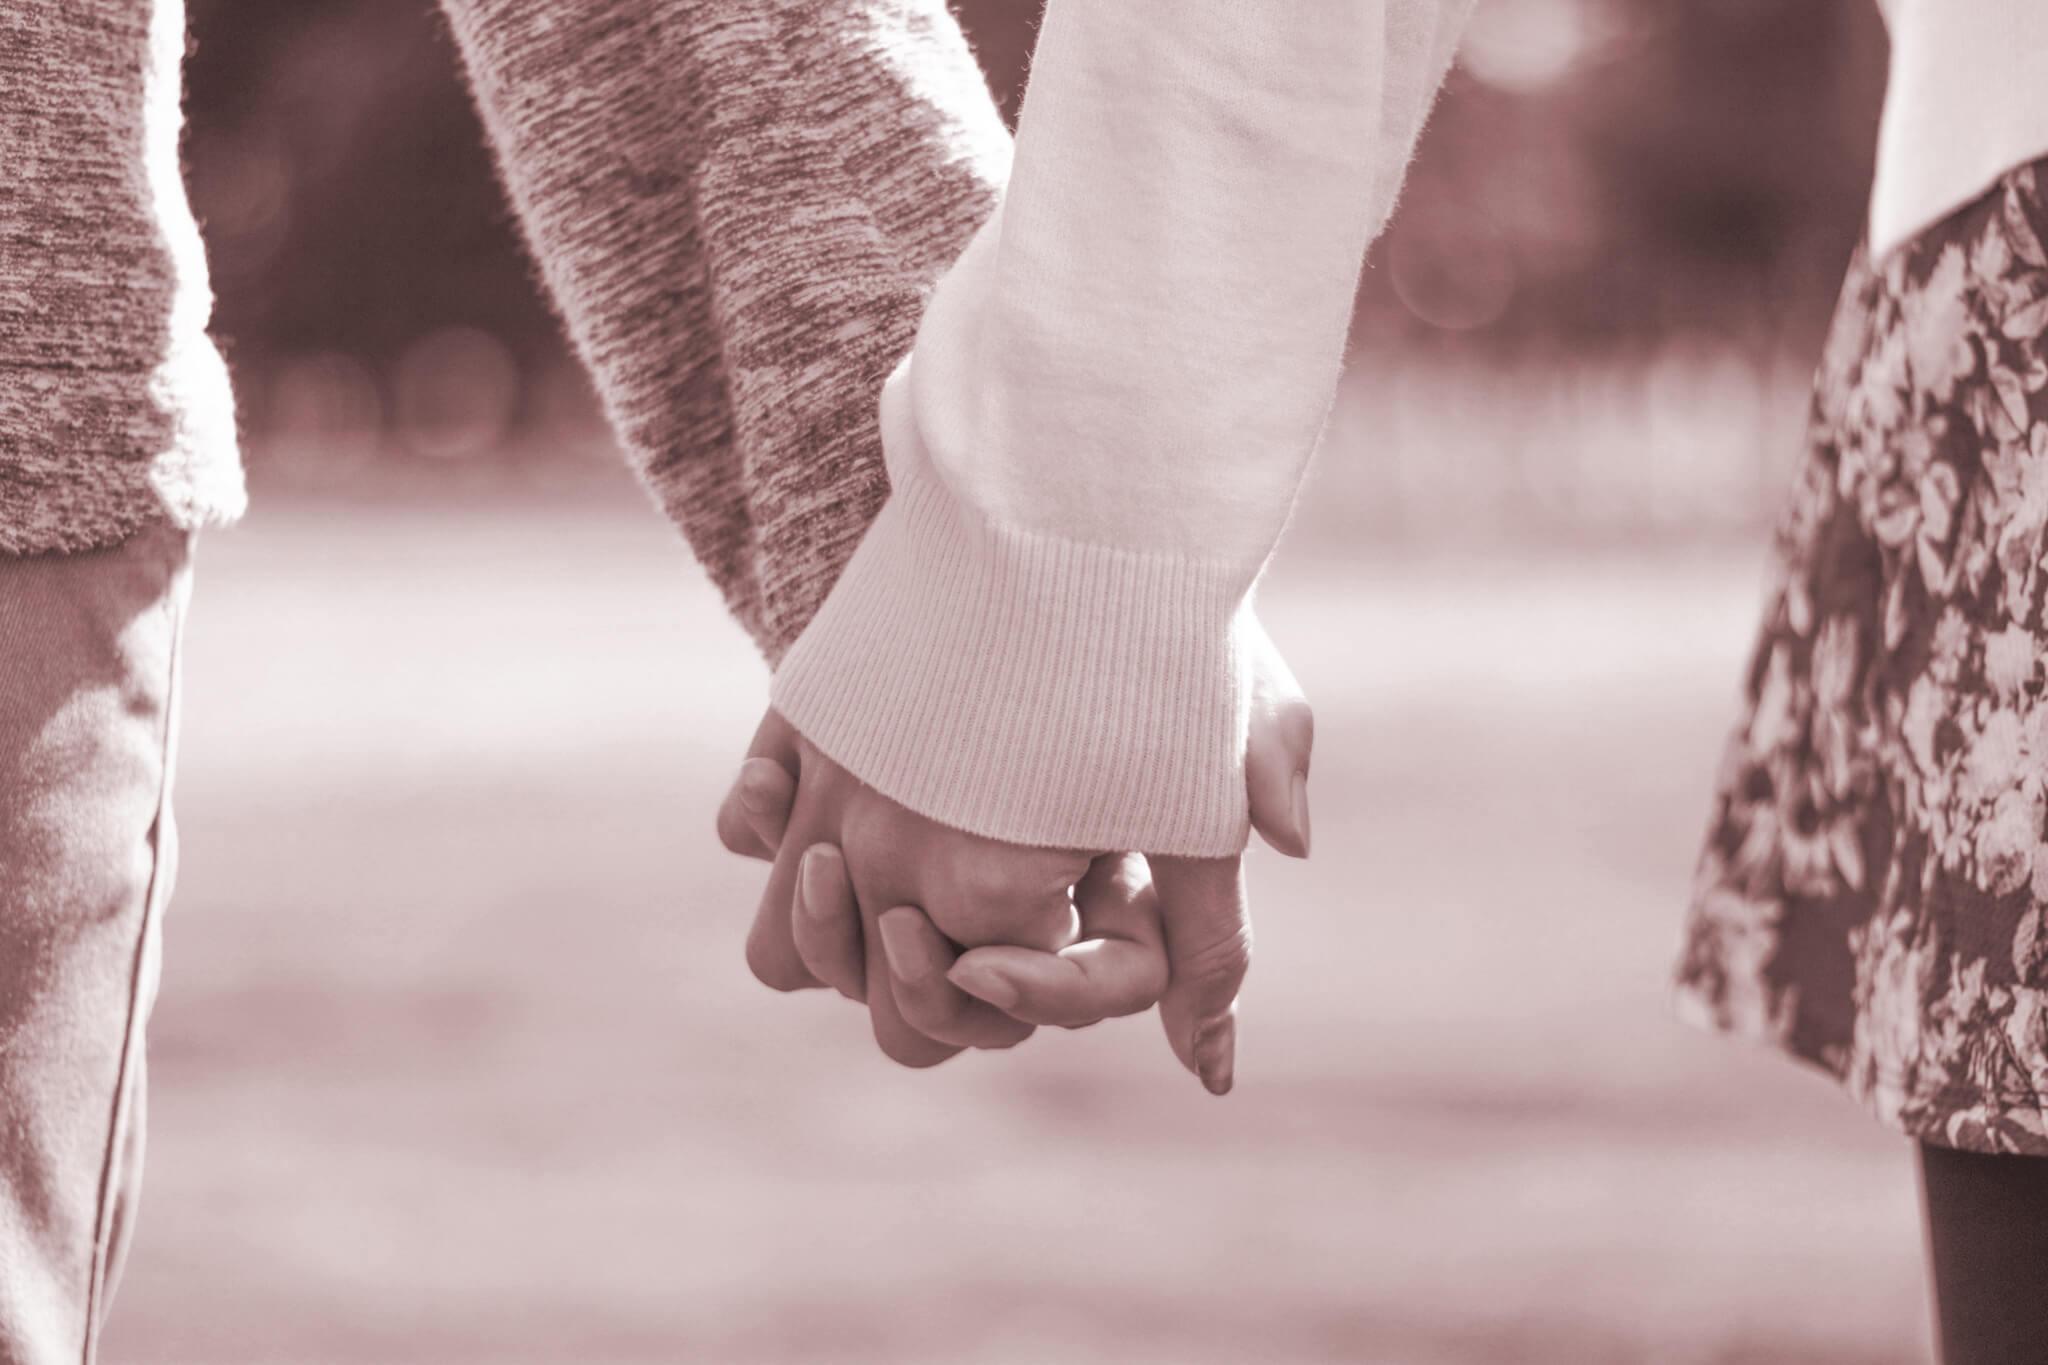 これは納得の研究論文!性交渉の頻度が高い女性は閉経が遅い